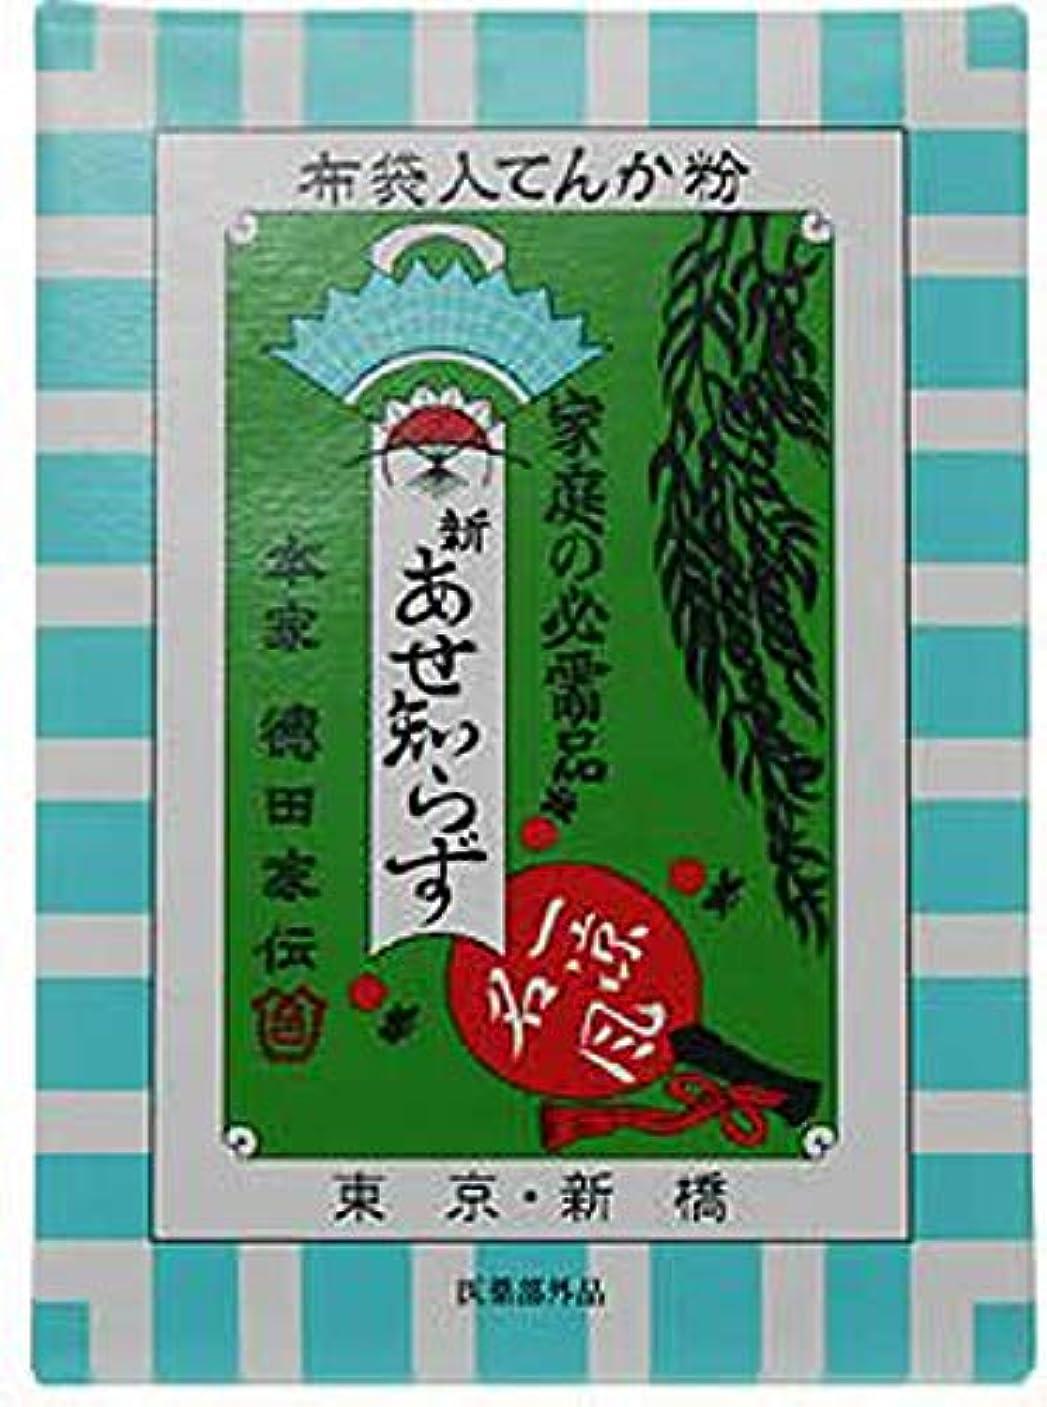 紀陽除虫菊 新あせ知らず (100g) ボディパウダー 布袋入り (医薬部外品)